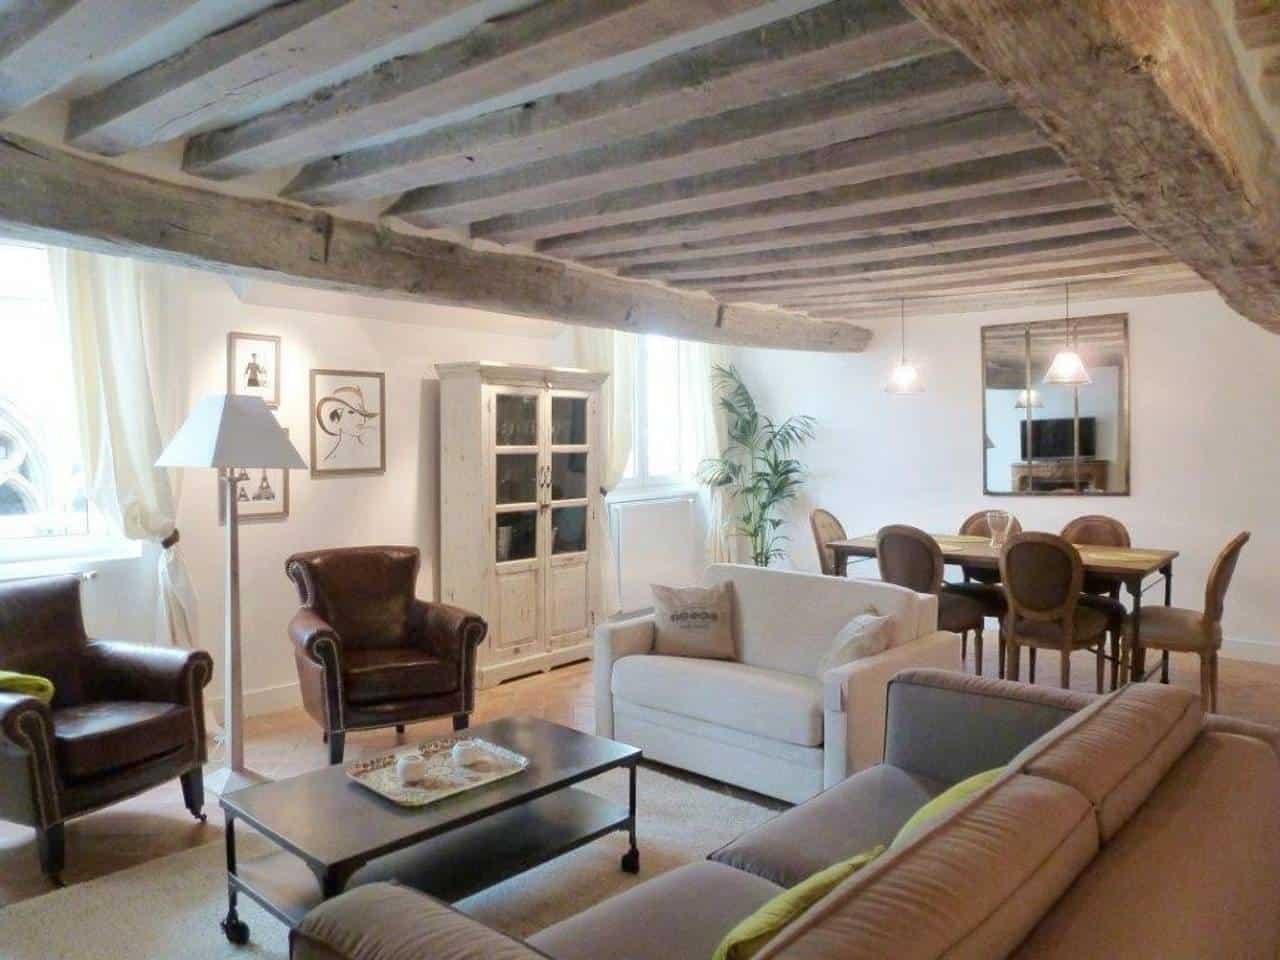 Wow! This Airbnb Paris listing near Île de la Cité is dreamy. You have to see the pictures!